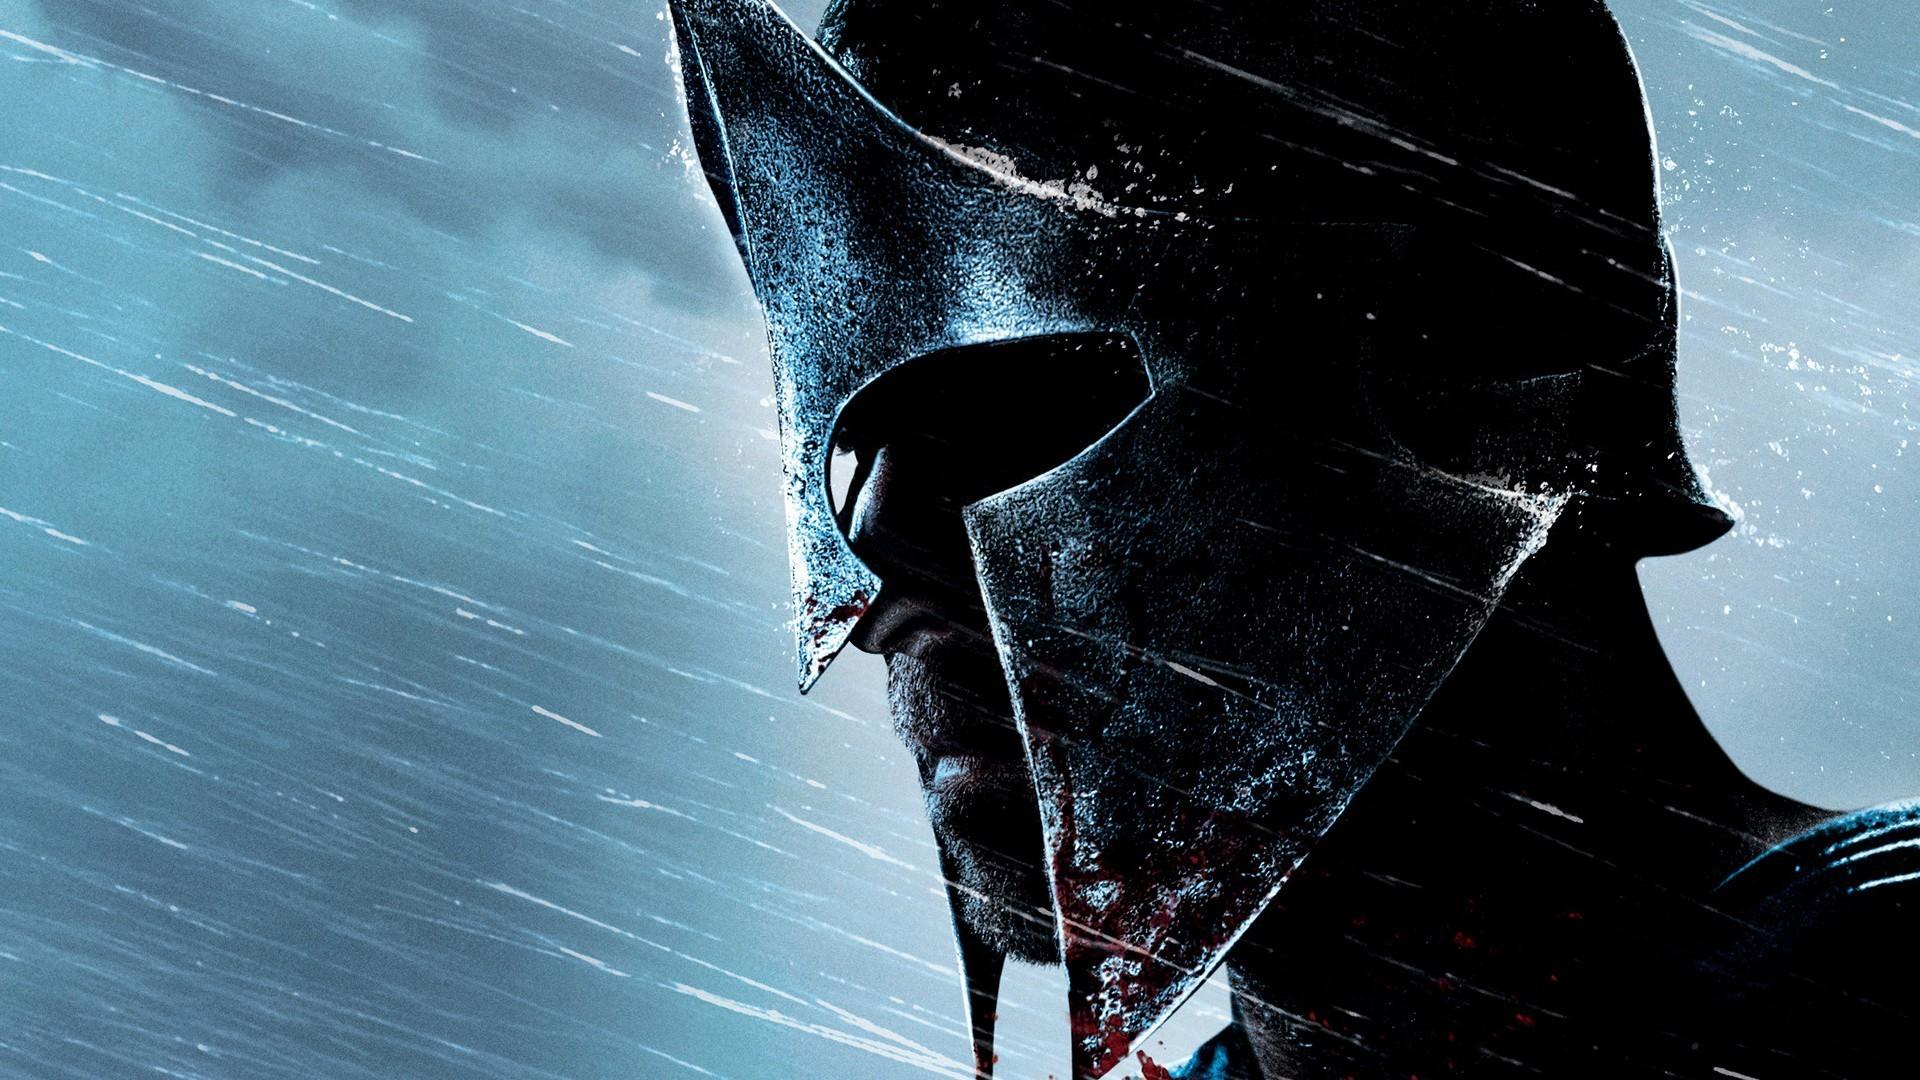 Спартанец в шлеме под дождем обои скачать